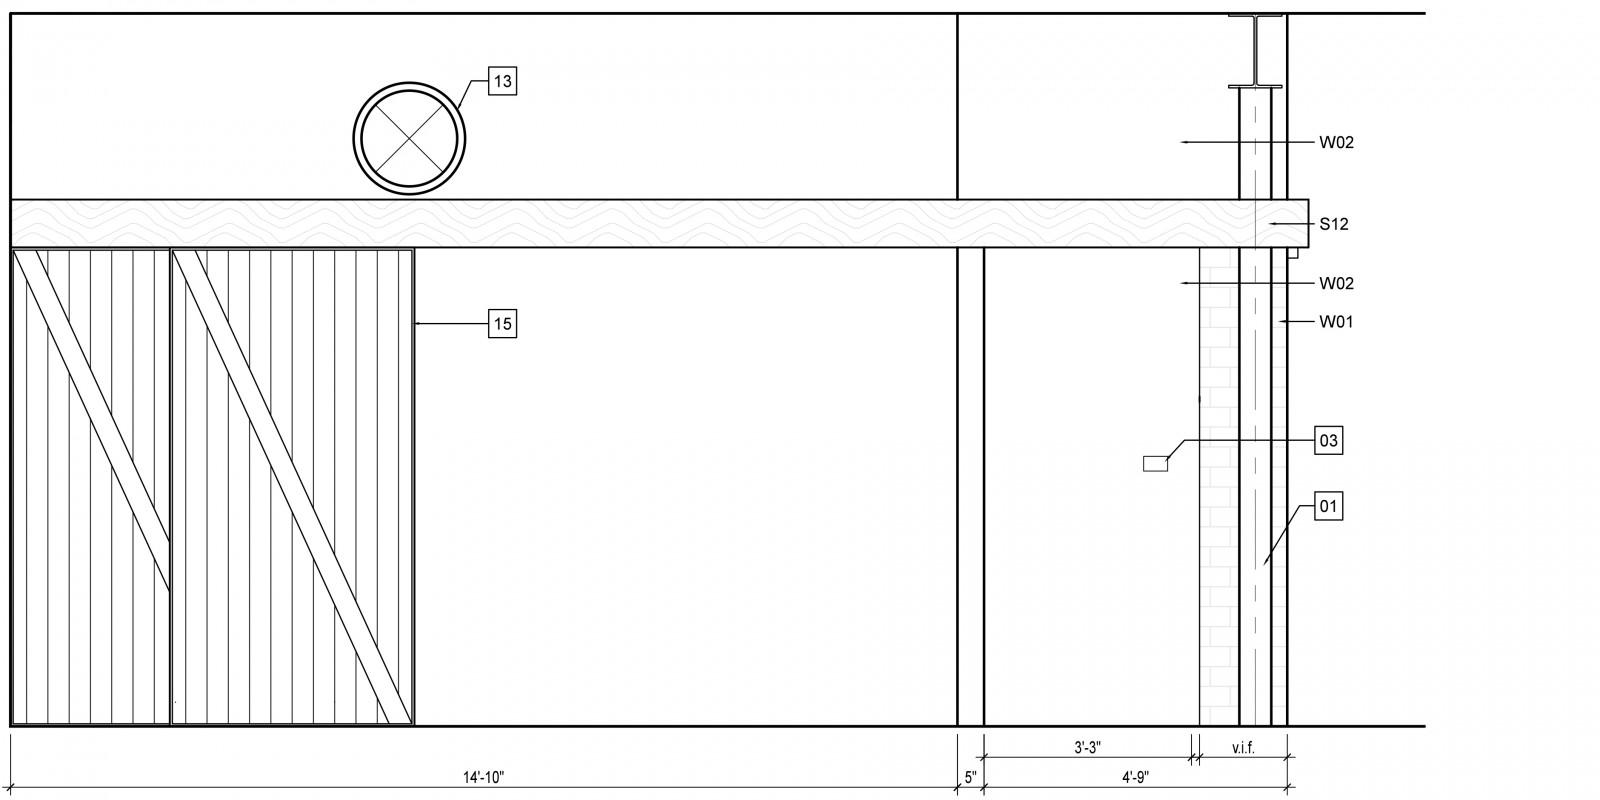 """Cad Door Elevations & Largue Doors Cad Blocks""""""""sc"""":1""""st"""